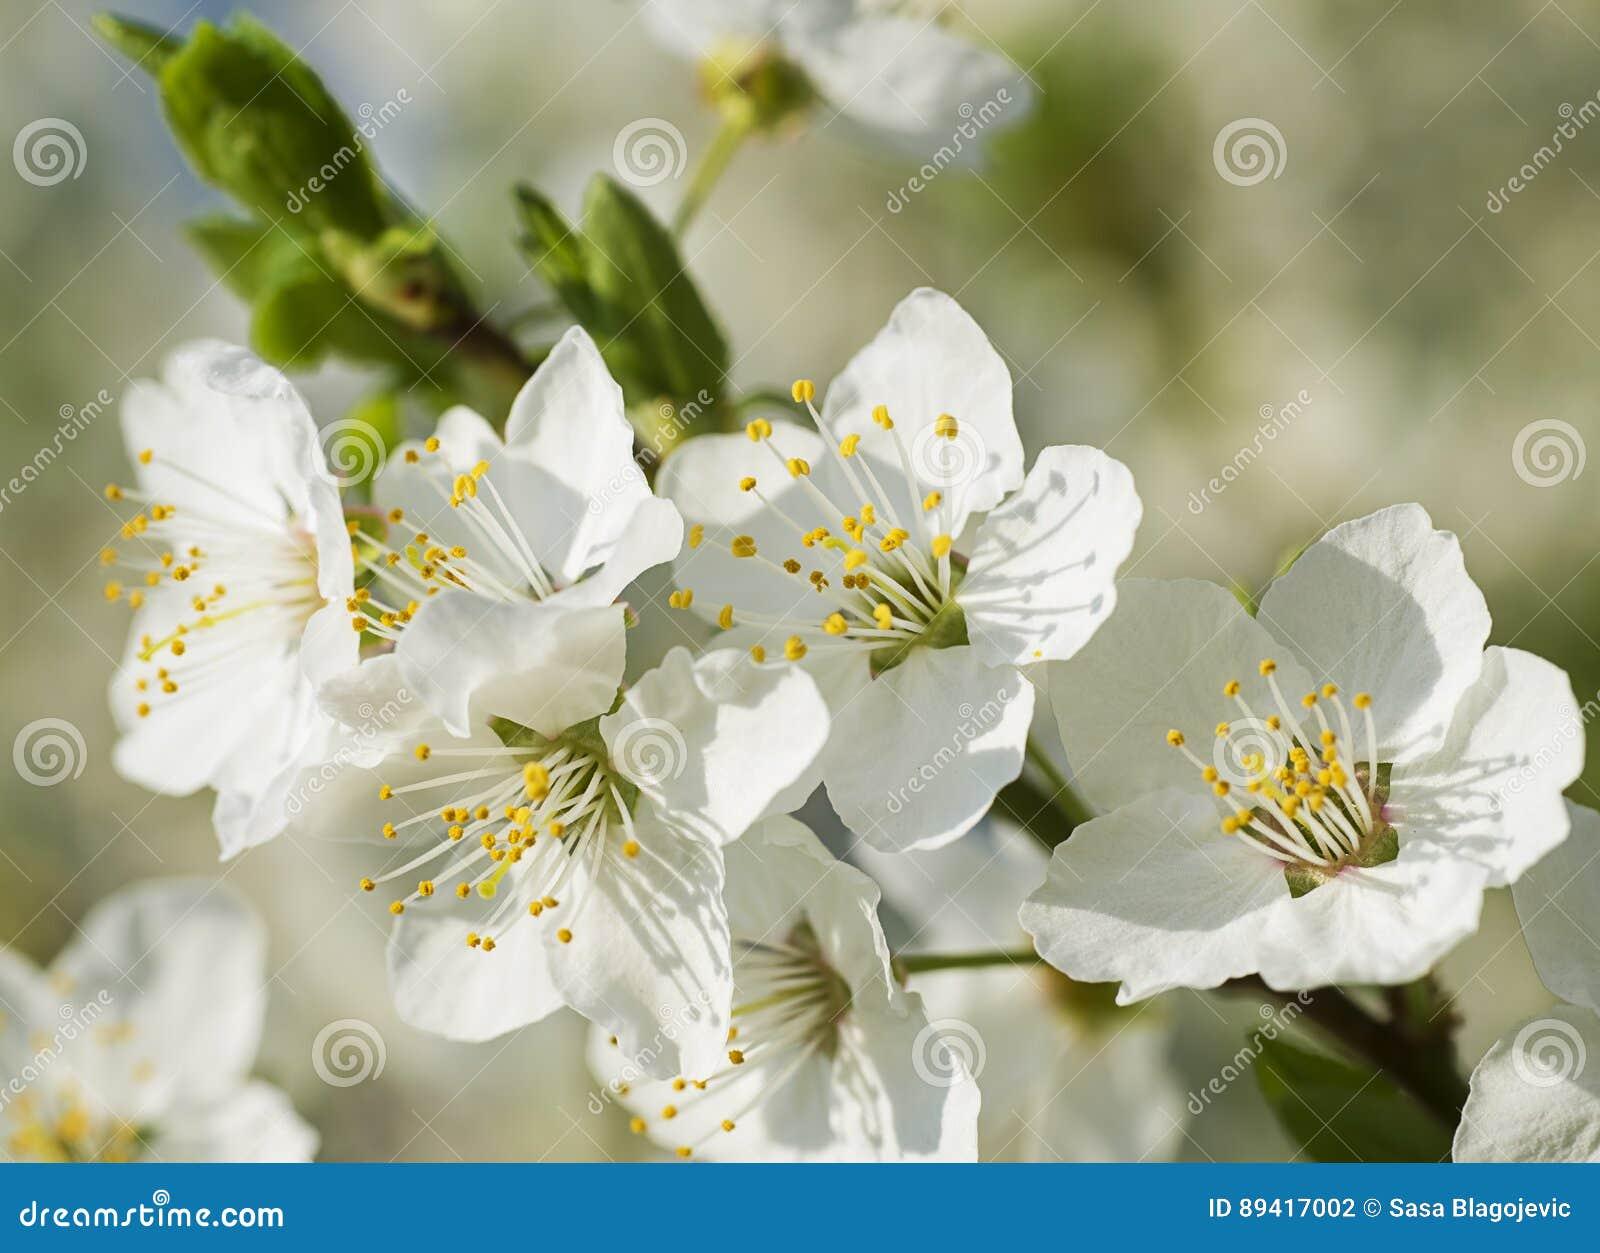 Flores agradáveis da ameixa